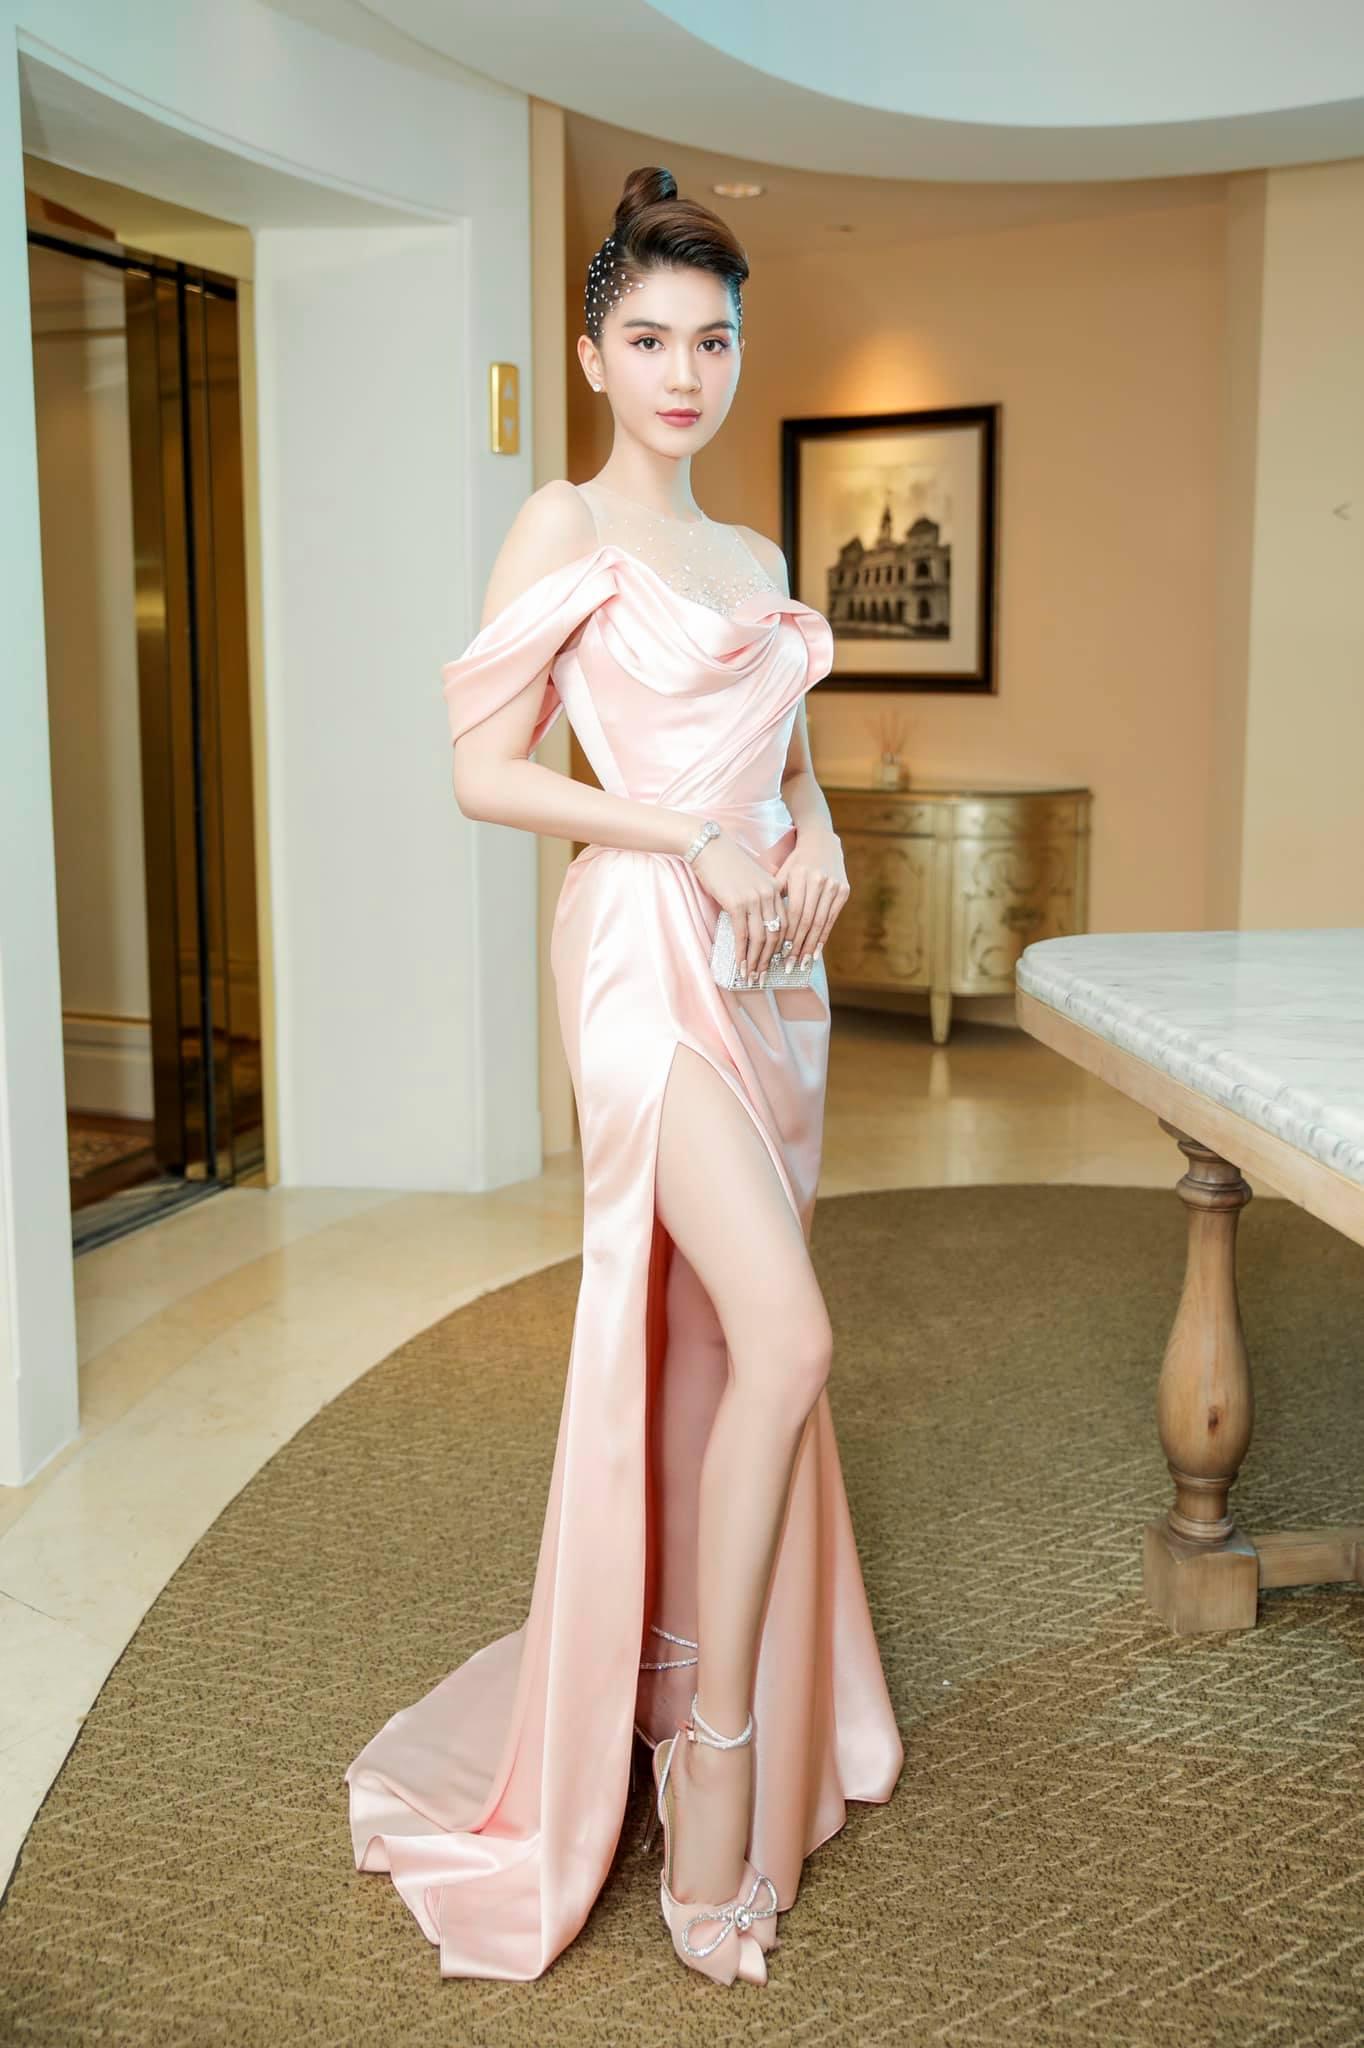 """Chưa đầy 2 tuần, sao Việt đã cạnh tranh gay gắt ngôi """"nữ hoàng thảm đỏ"""" năm 2021: Tiếc là chưa ai qua được Ngọc Trinh - Ảnh 2."""